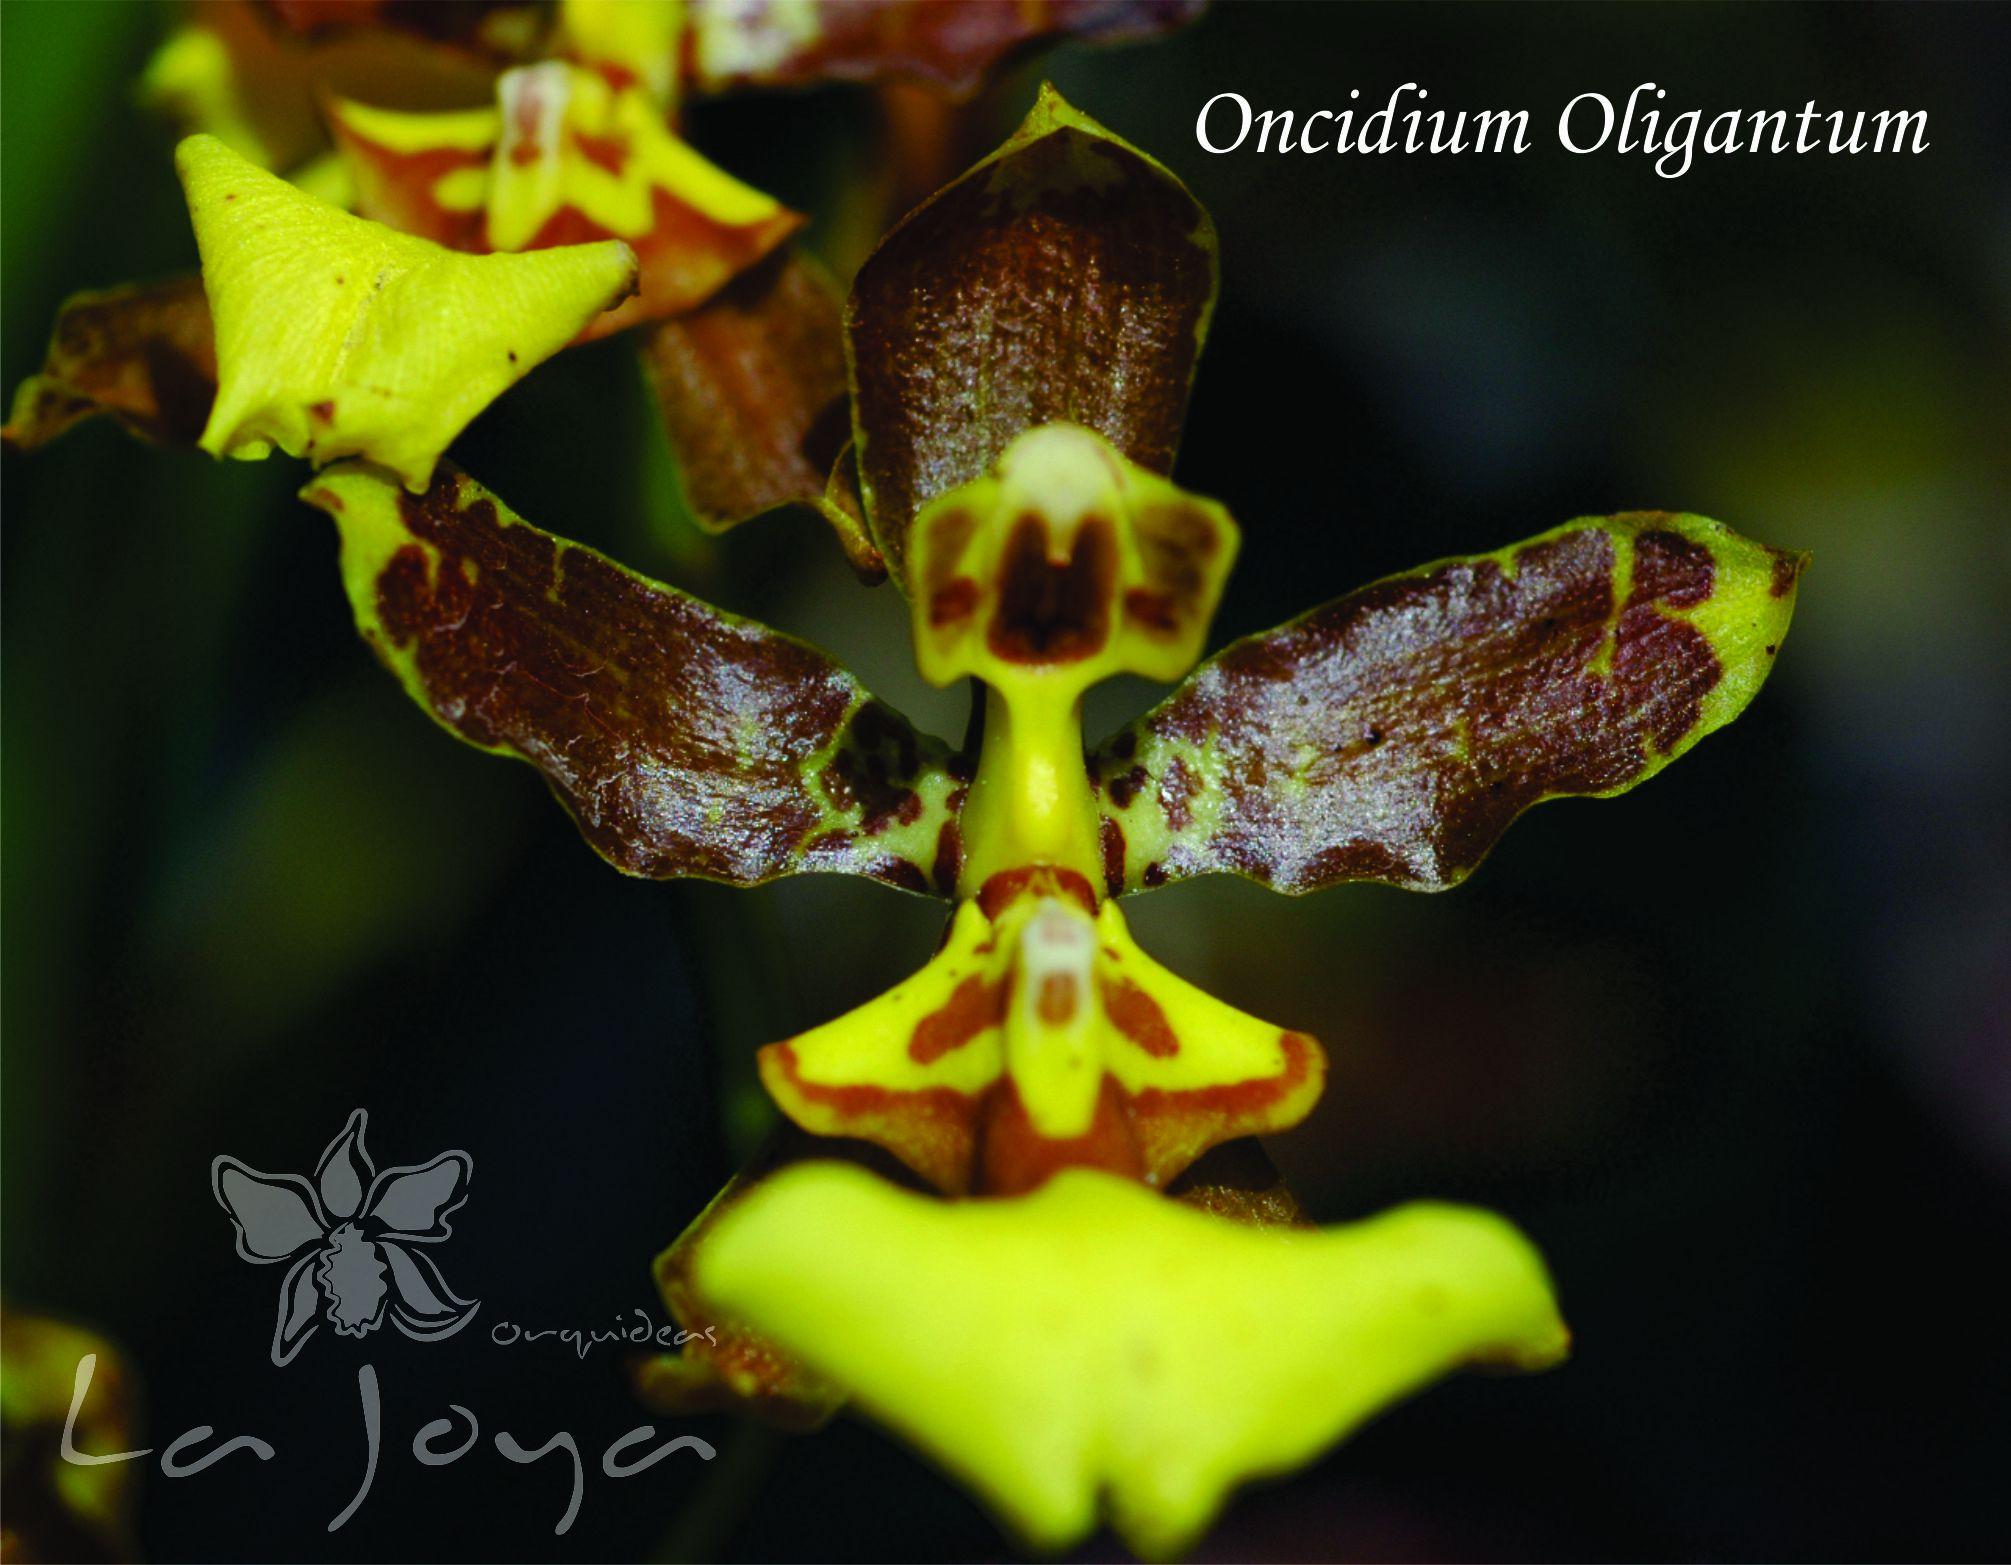 Oncidium Olingatum